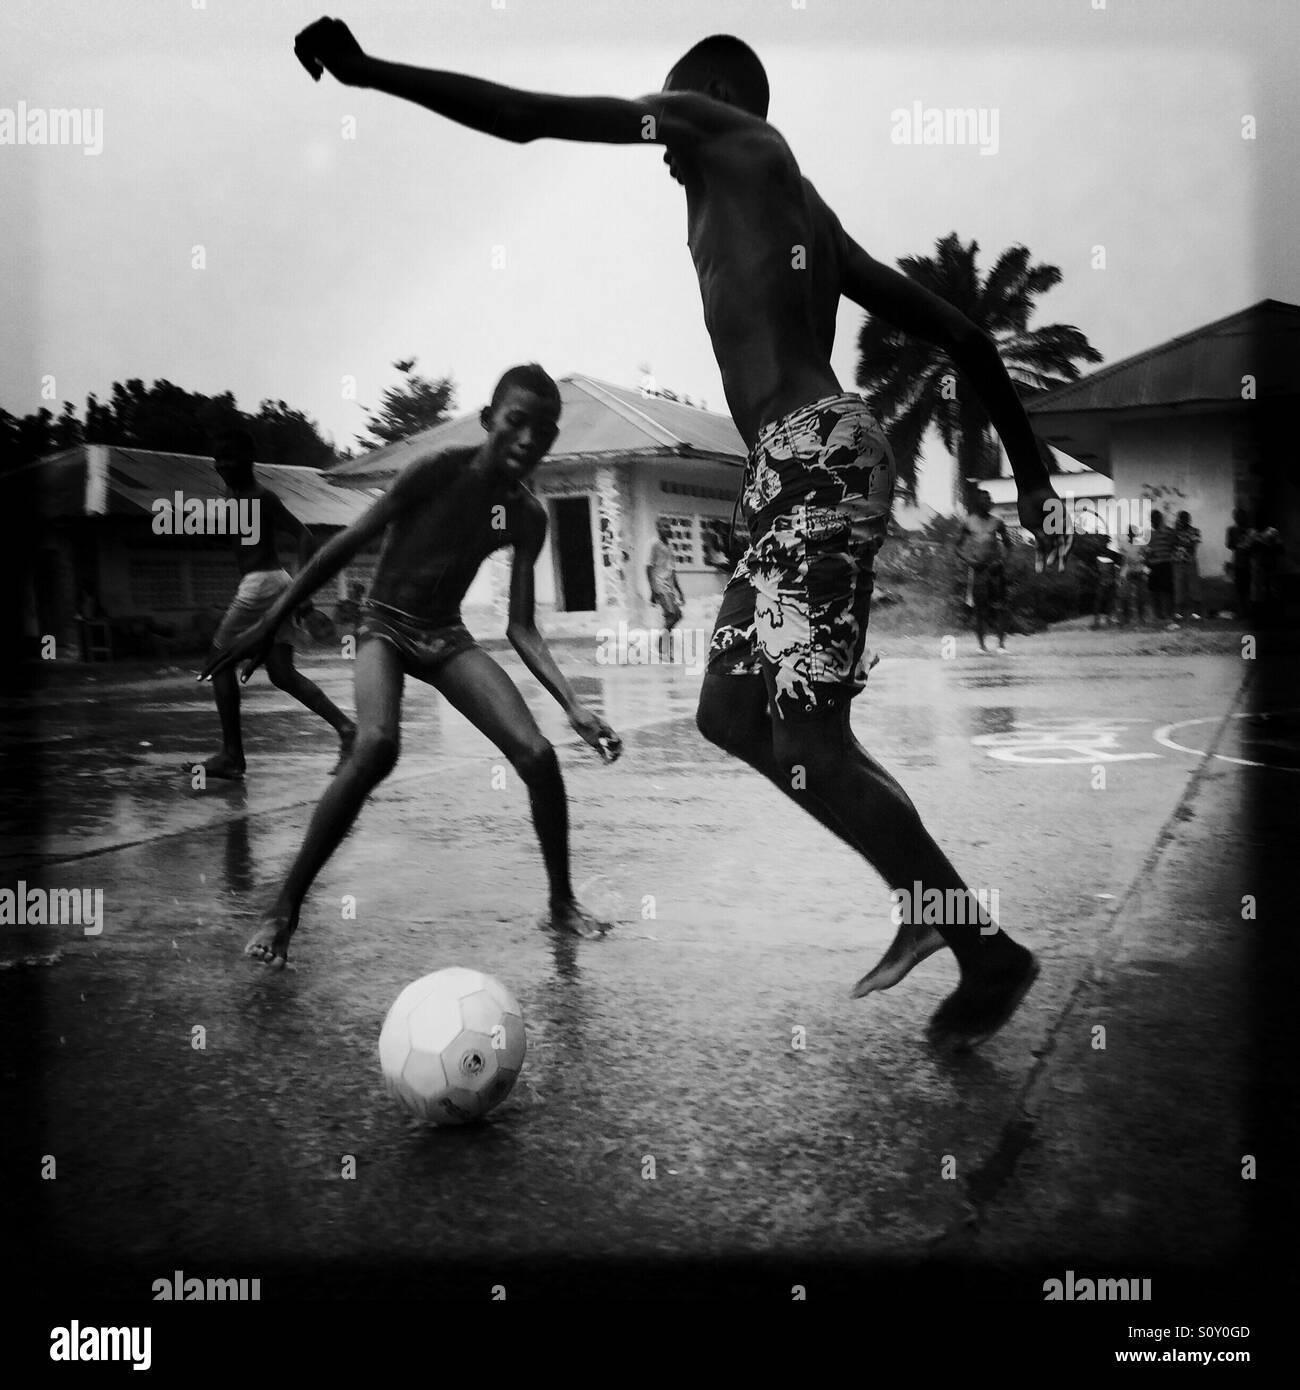 Ragazzi che giocano a calcio sotto la pioggia, Kinshasa, Repubblica  Democratica del Congo Foto stock - Alamy